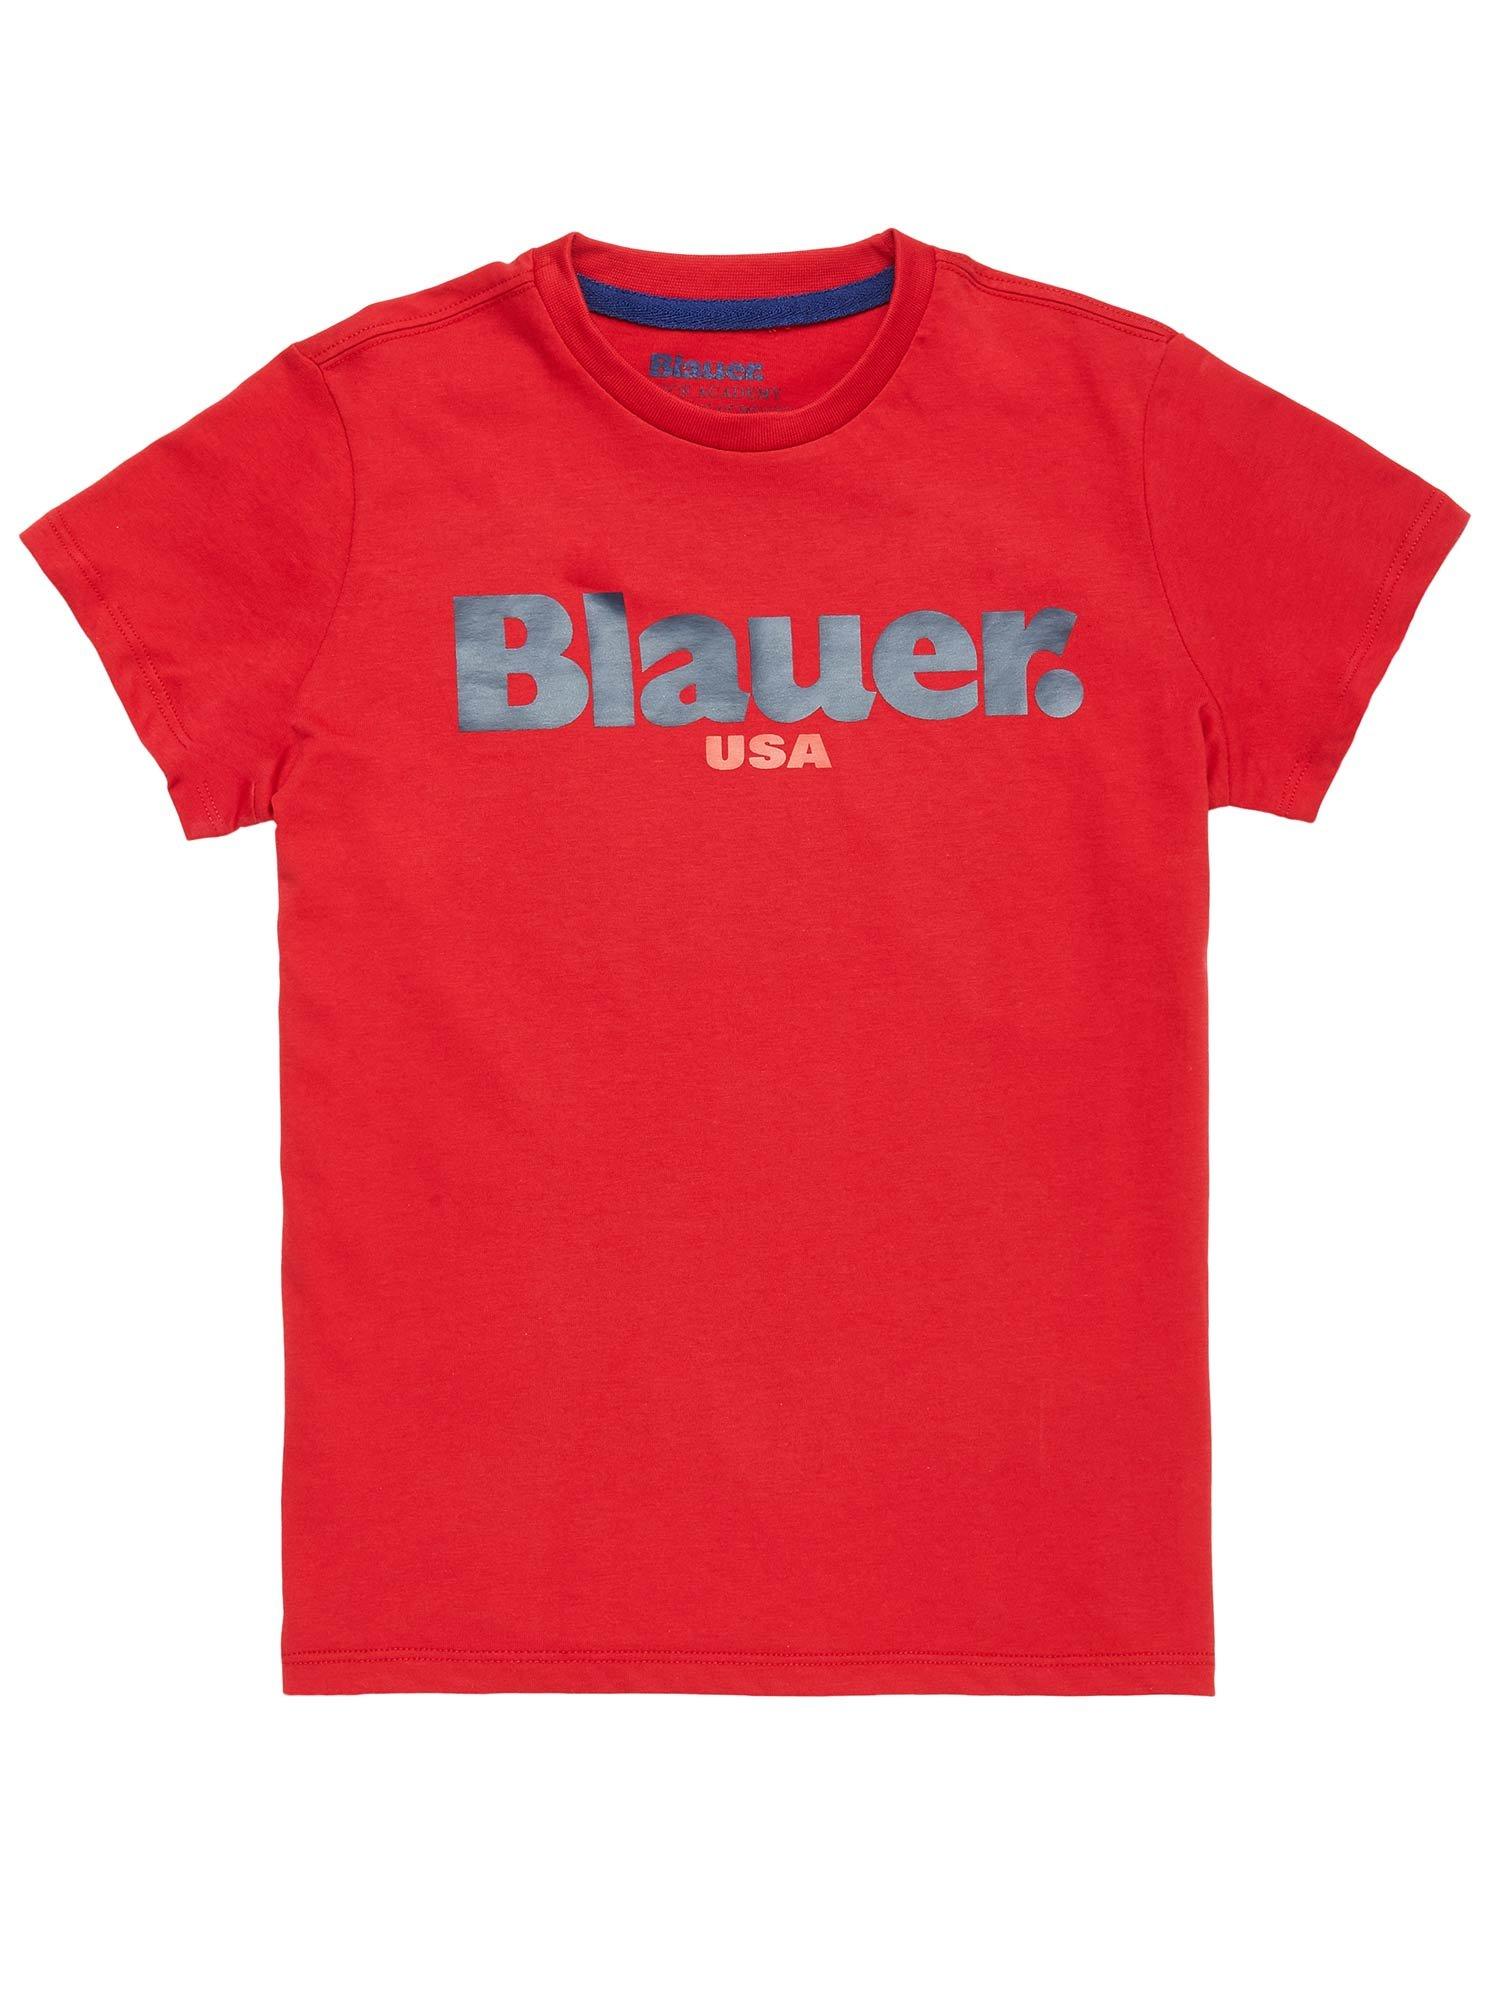 Blauer - KID'S BLAUER USA T-SHIRT - Red Bloode - Blauer